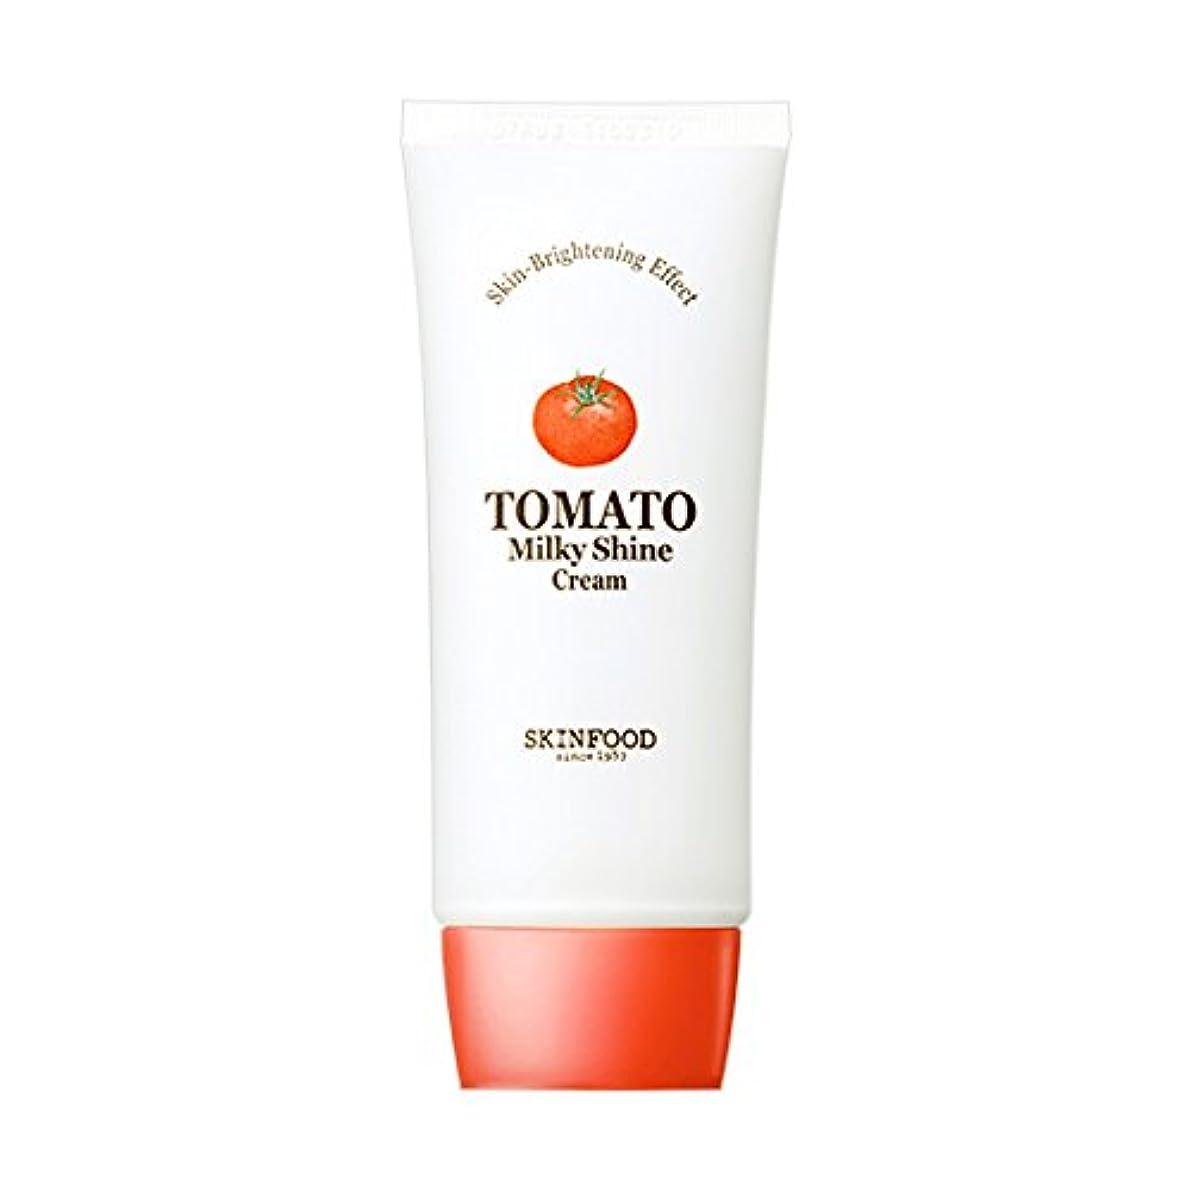 ログせっかち小道Skinfood トマトミルキーシャインクリーム/omato Milky Shine Cream 50ml [並行輸入品]